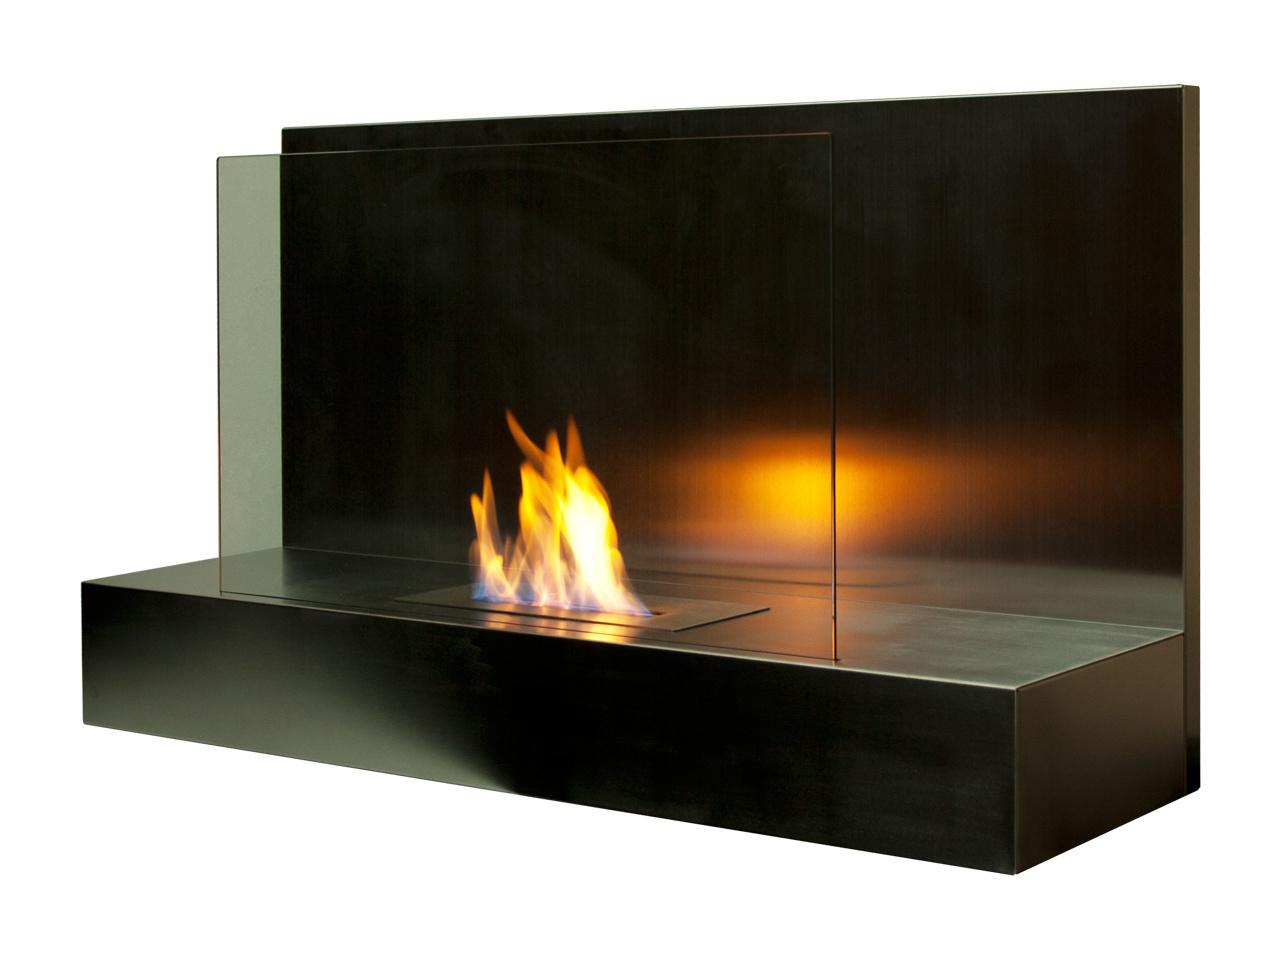 Bio Ethanol Fireplace Ciabizcom